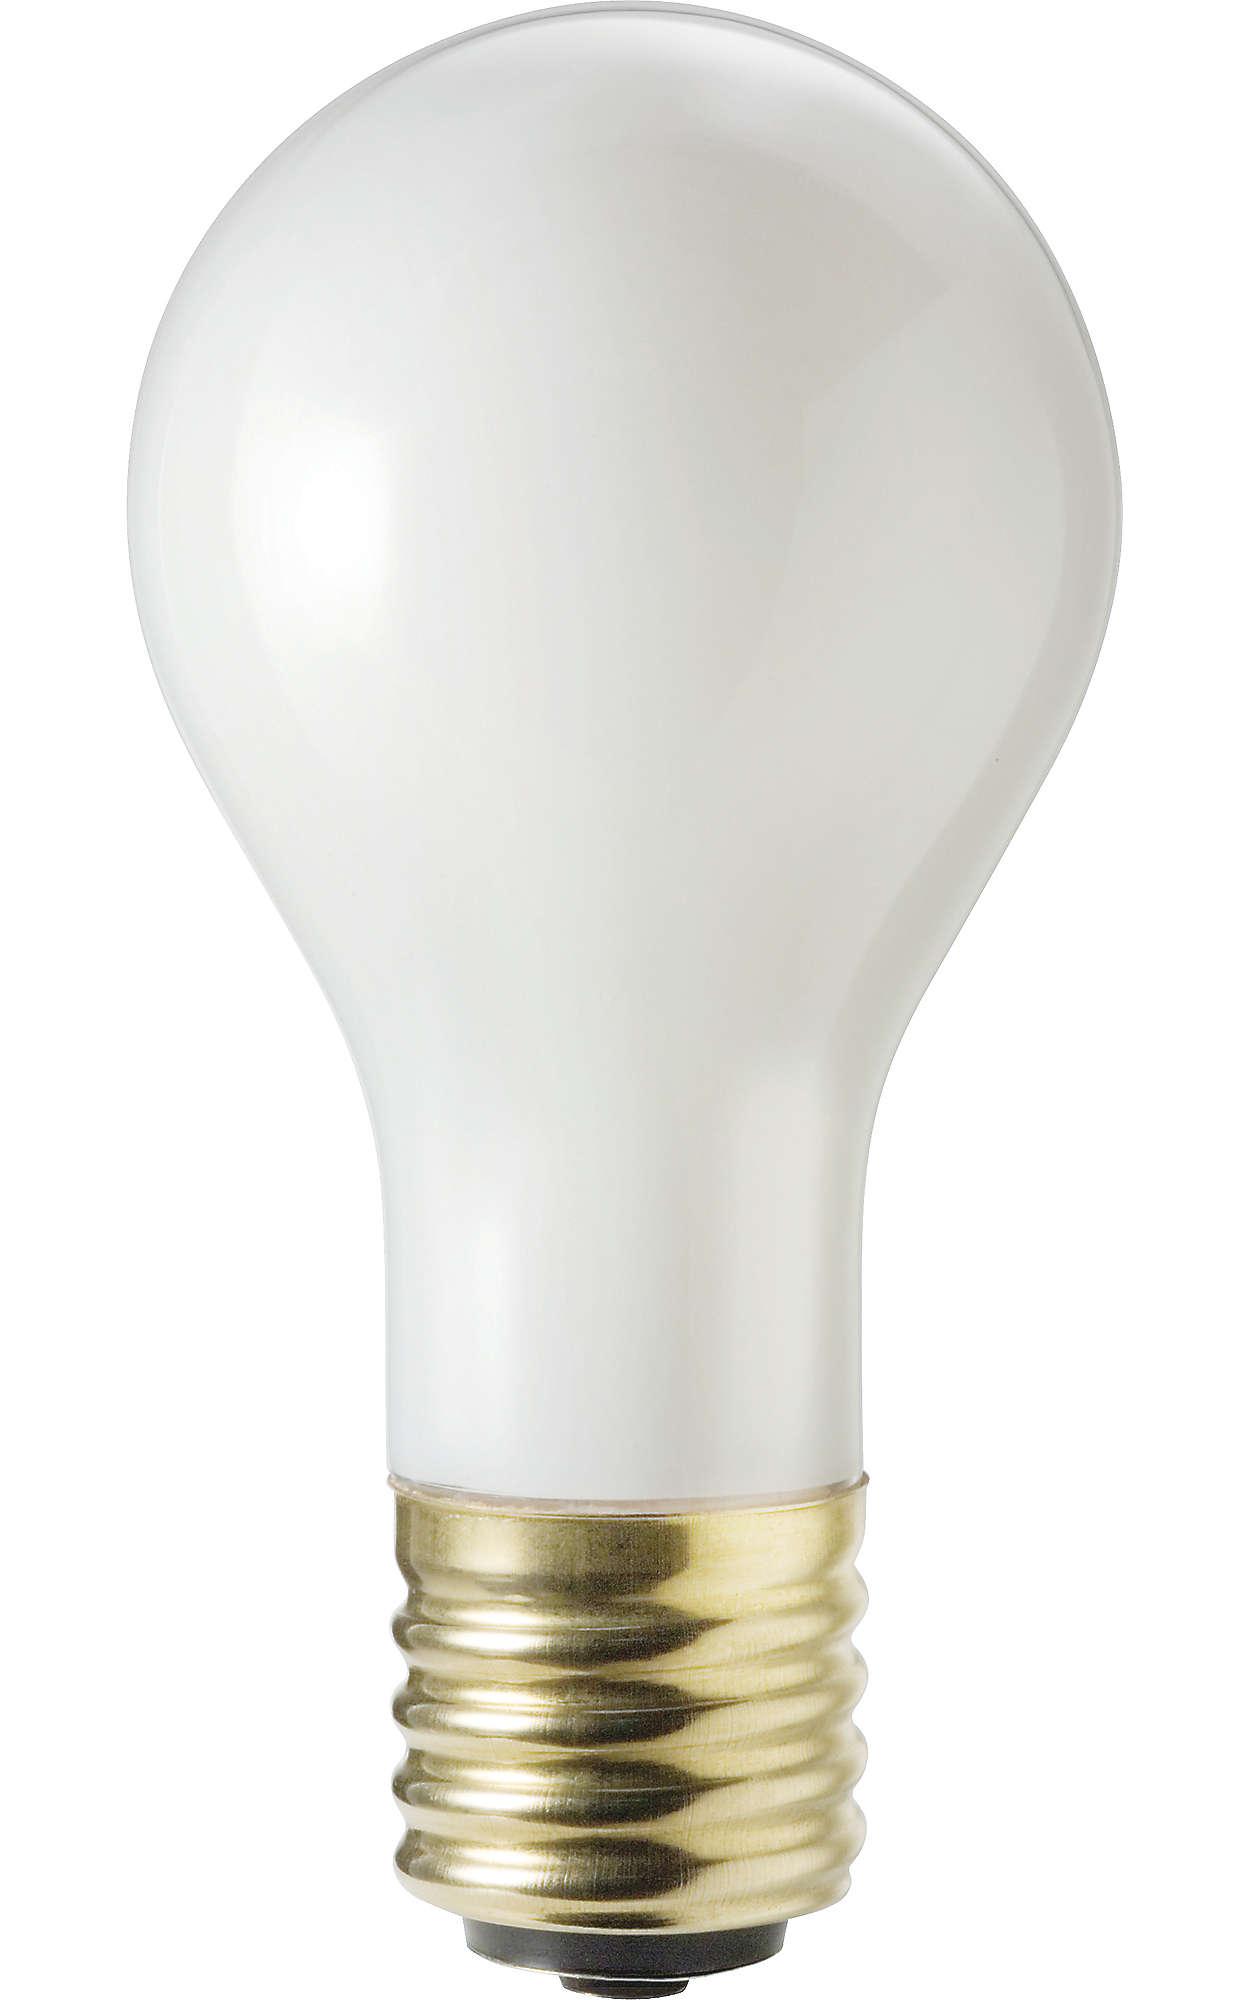 Ampoules incandescentes blanches et douces standard à trois intensités.